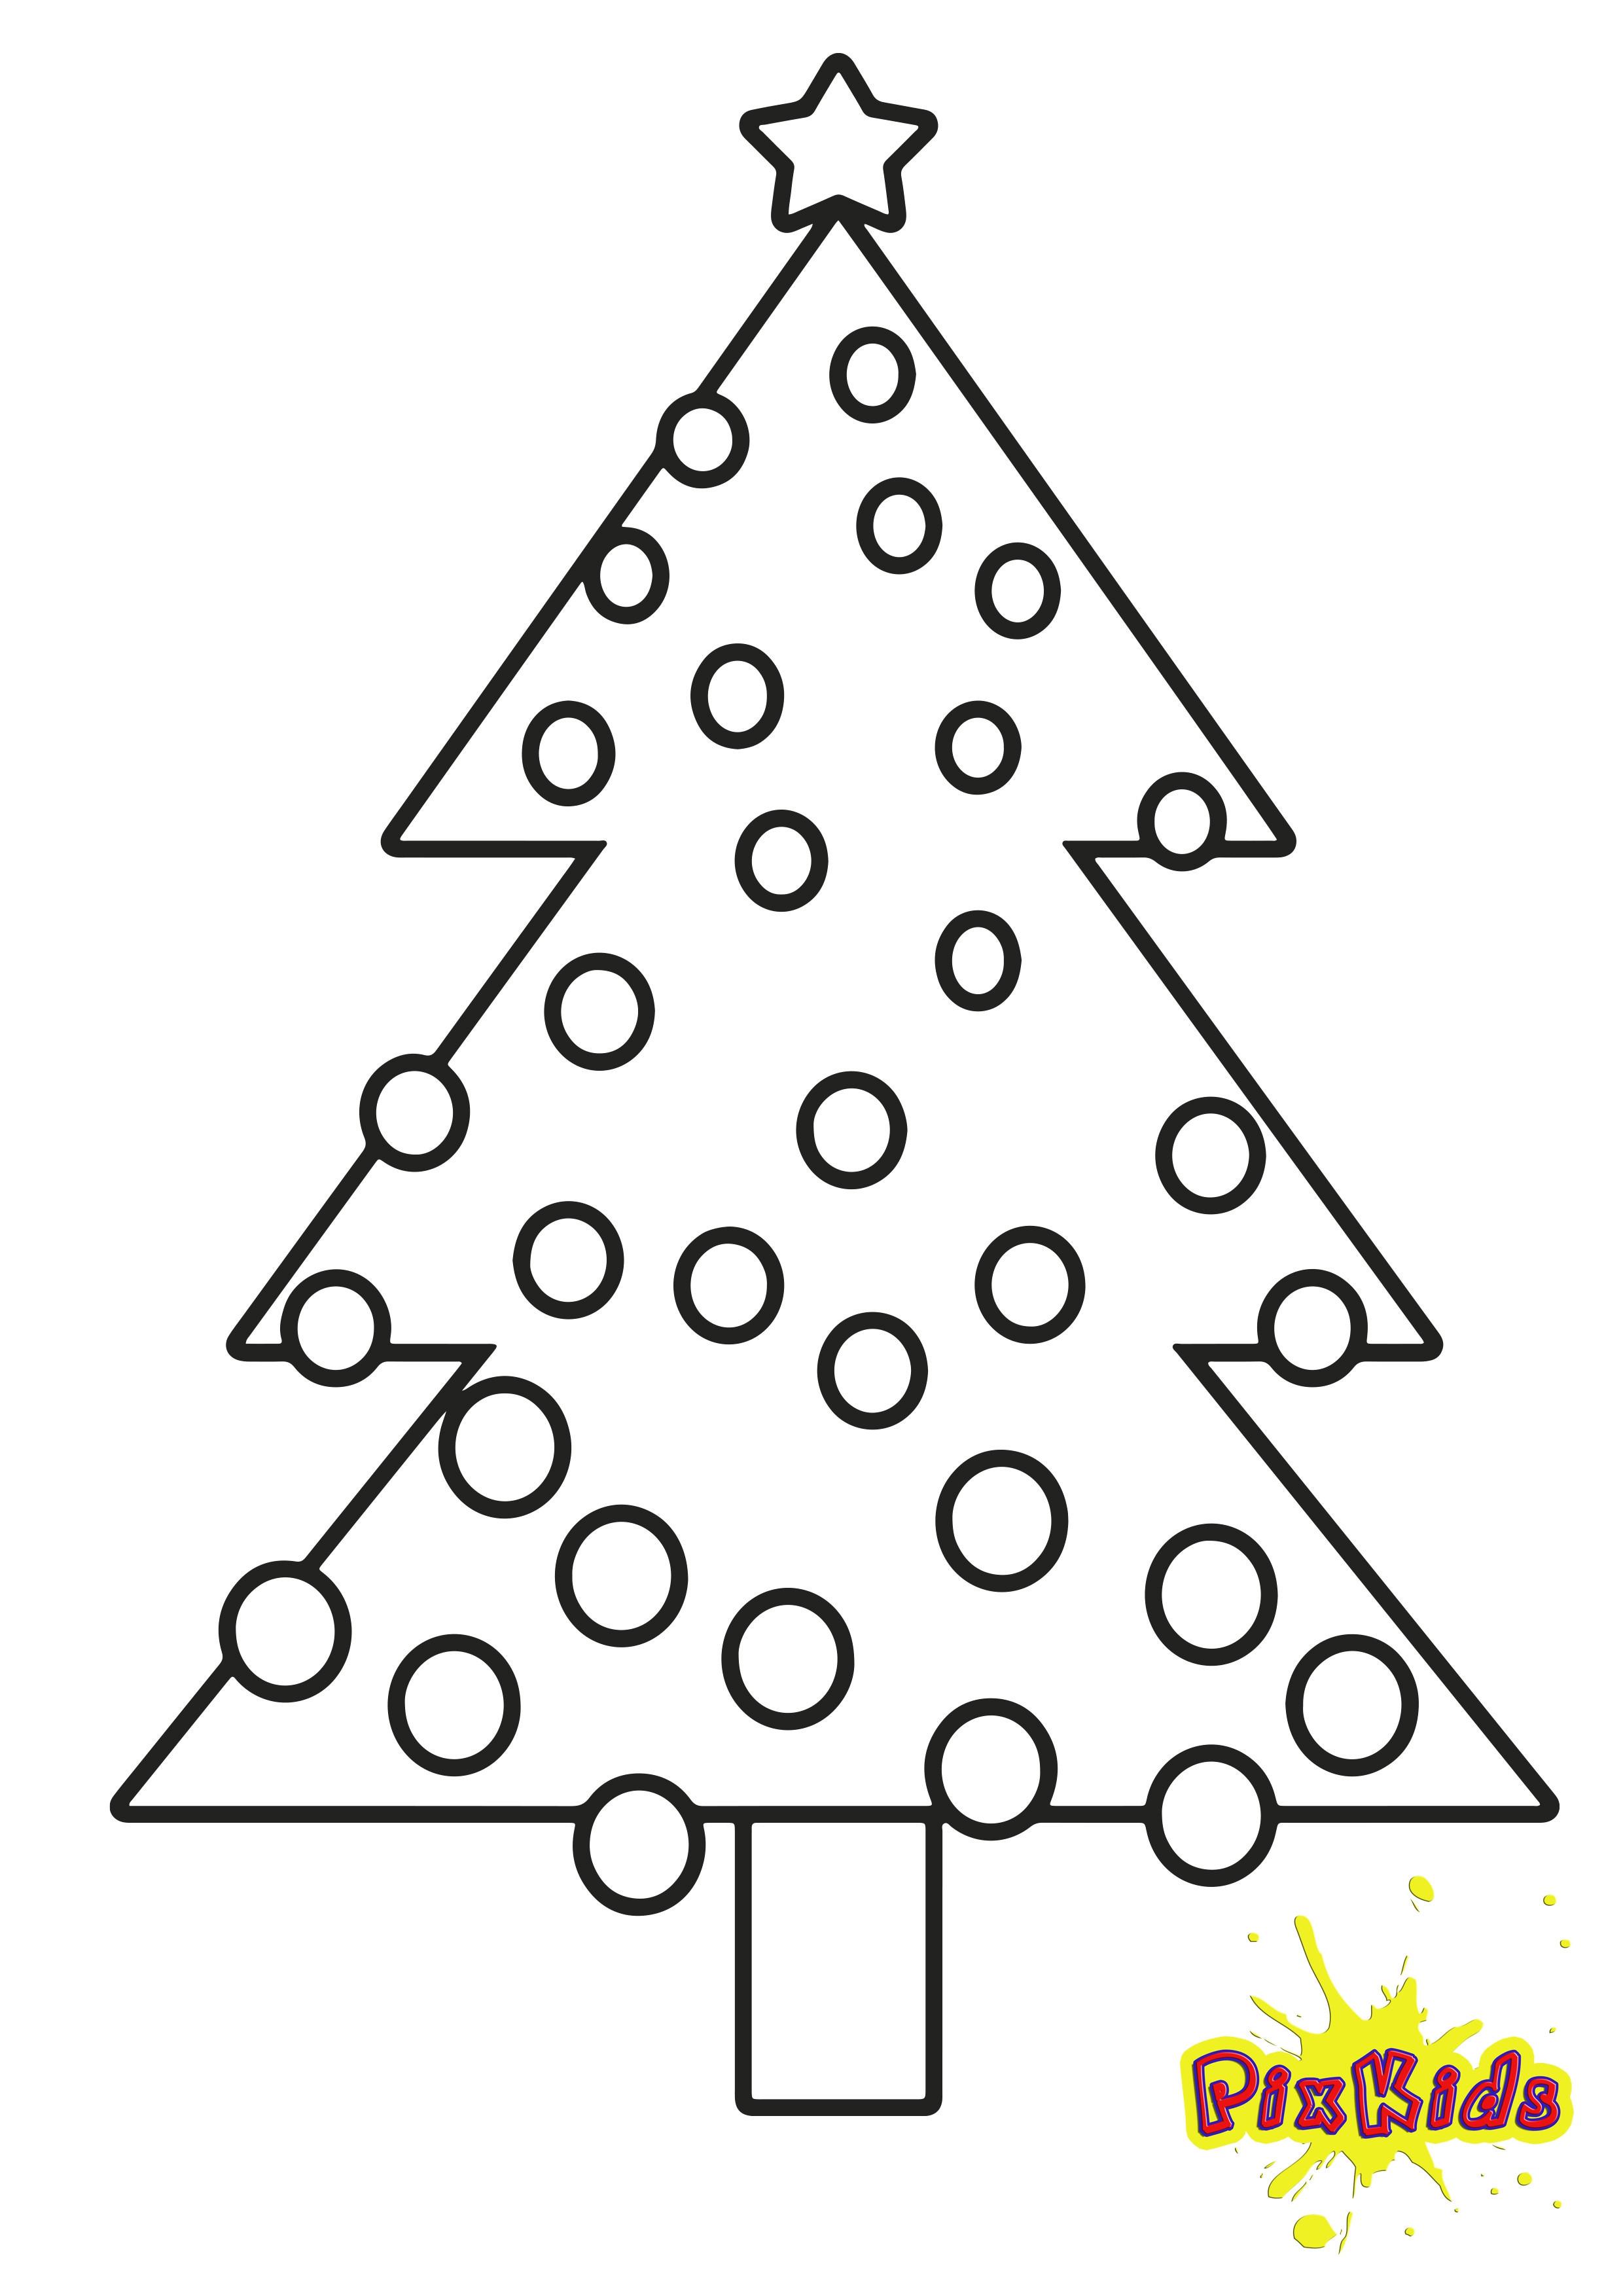 Ausmalbilder Weihnachten Christbaum Einzigartig Schablonen Weihnachtsmotive Zum Ausdrucken tongramp Bild